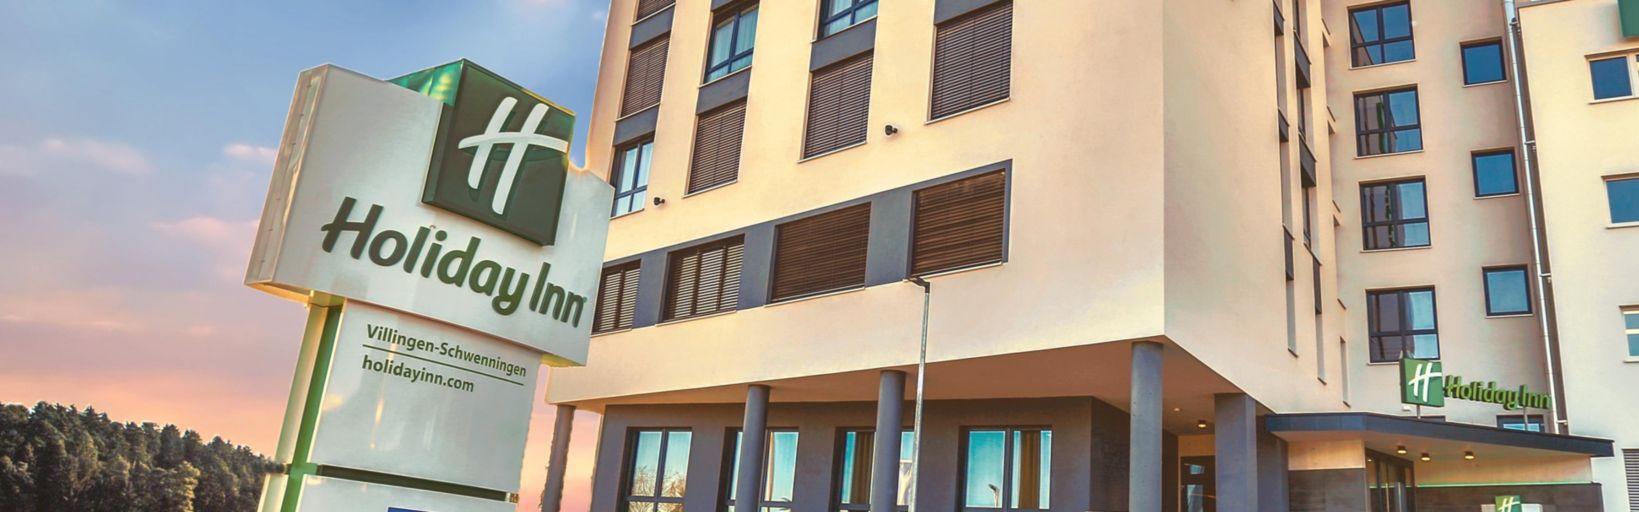 Holiday Inn Villingen - Schwenningen IHG Hotel